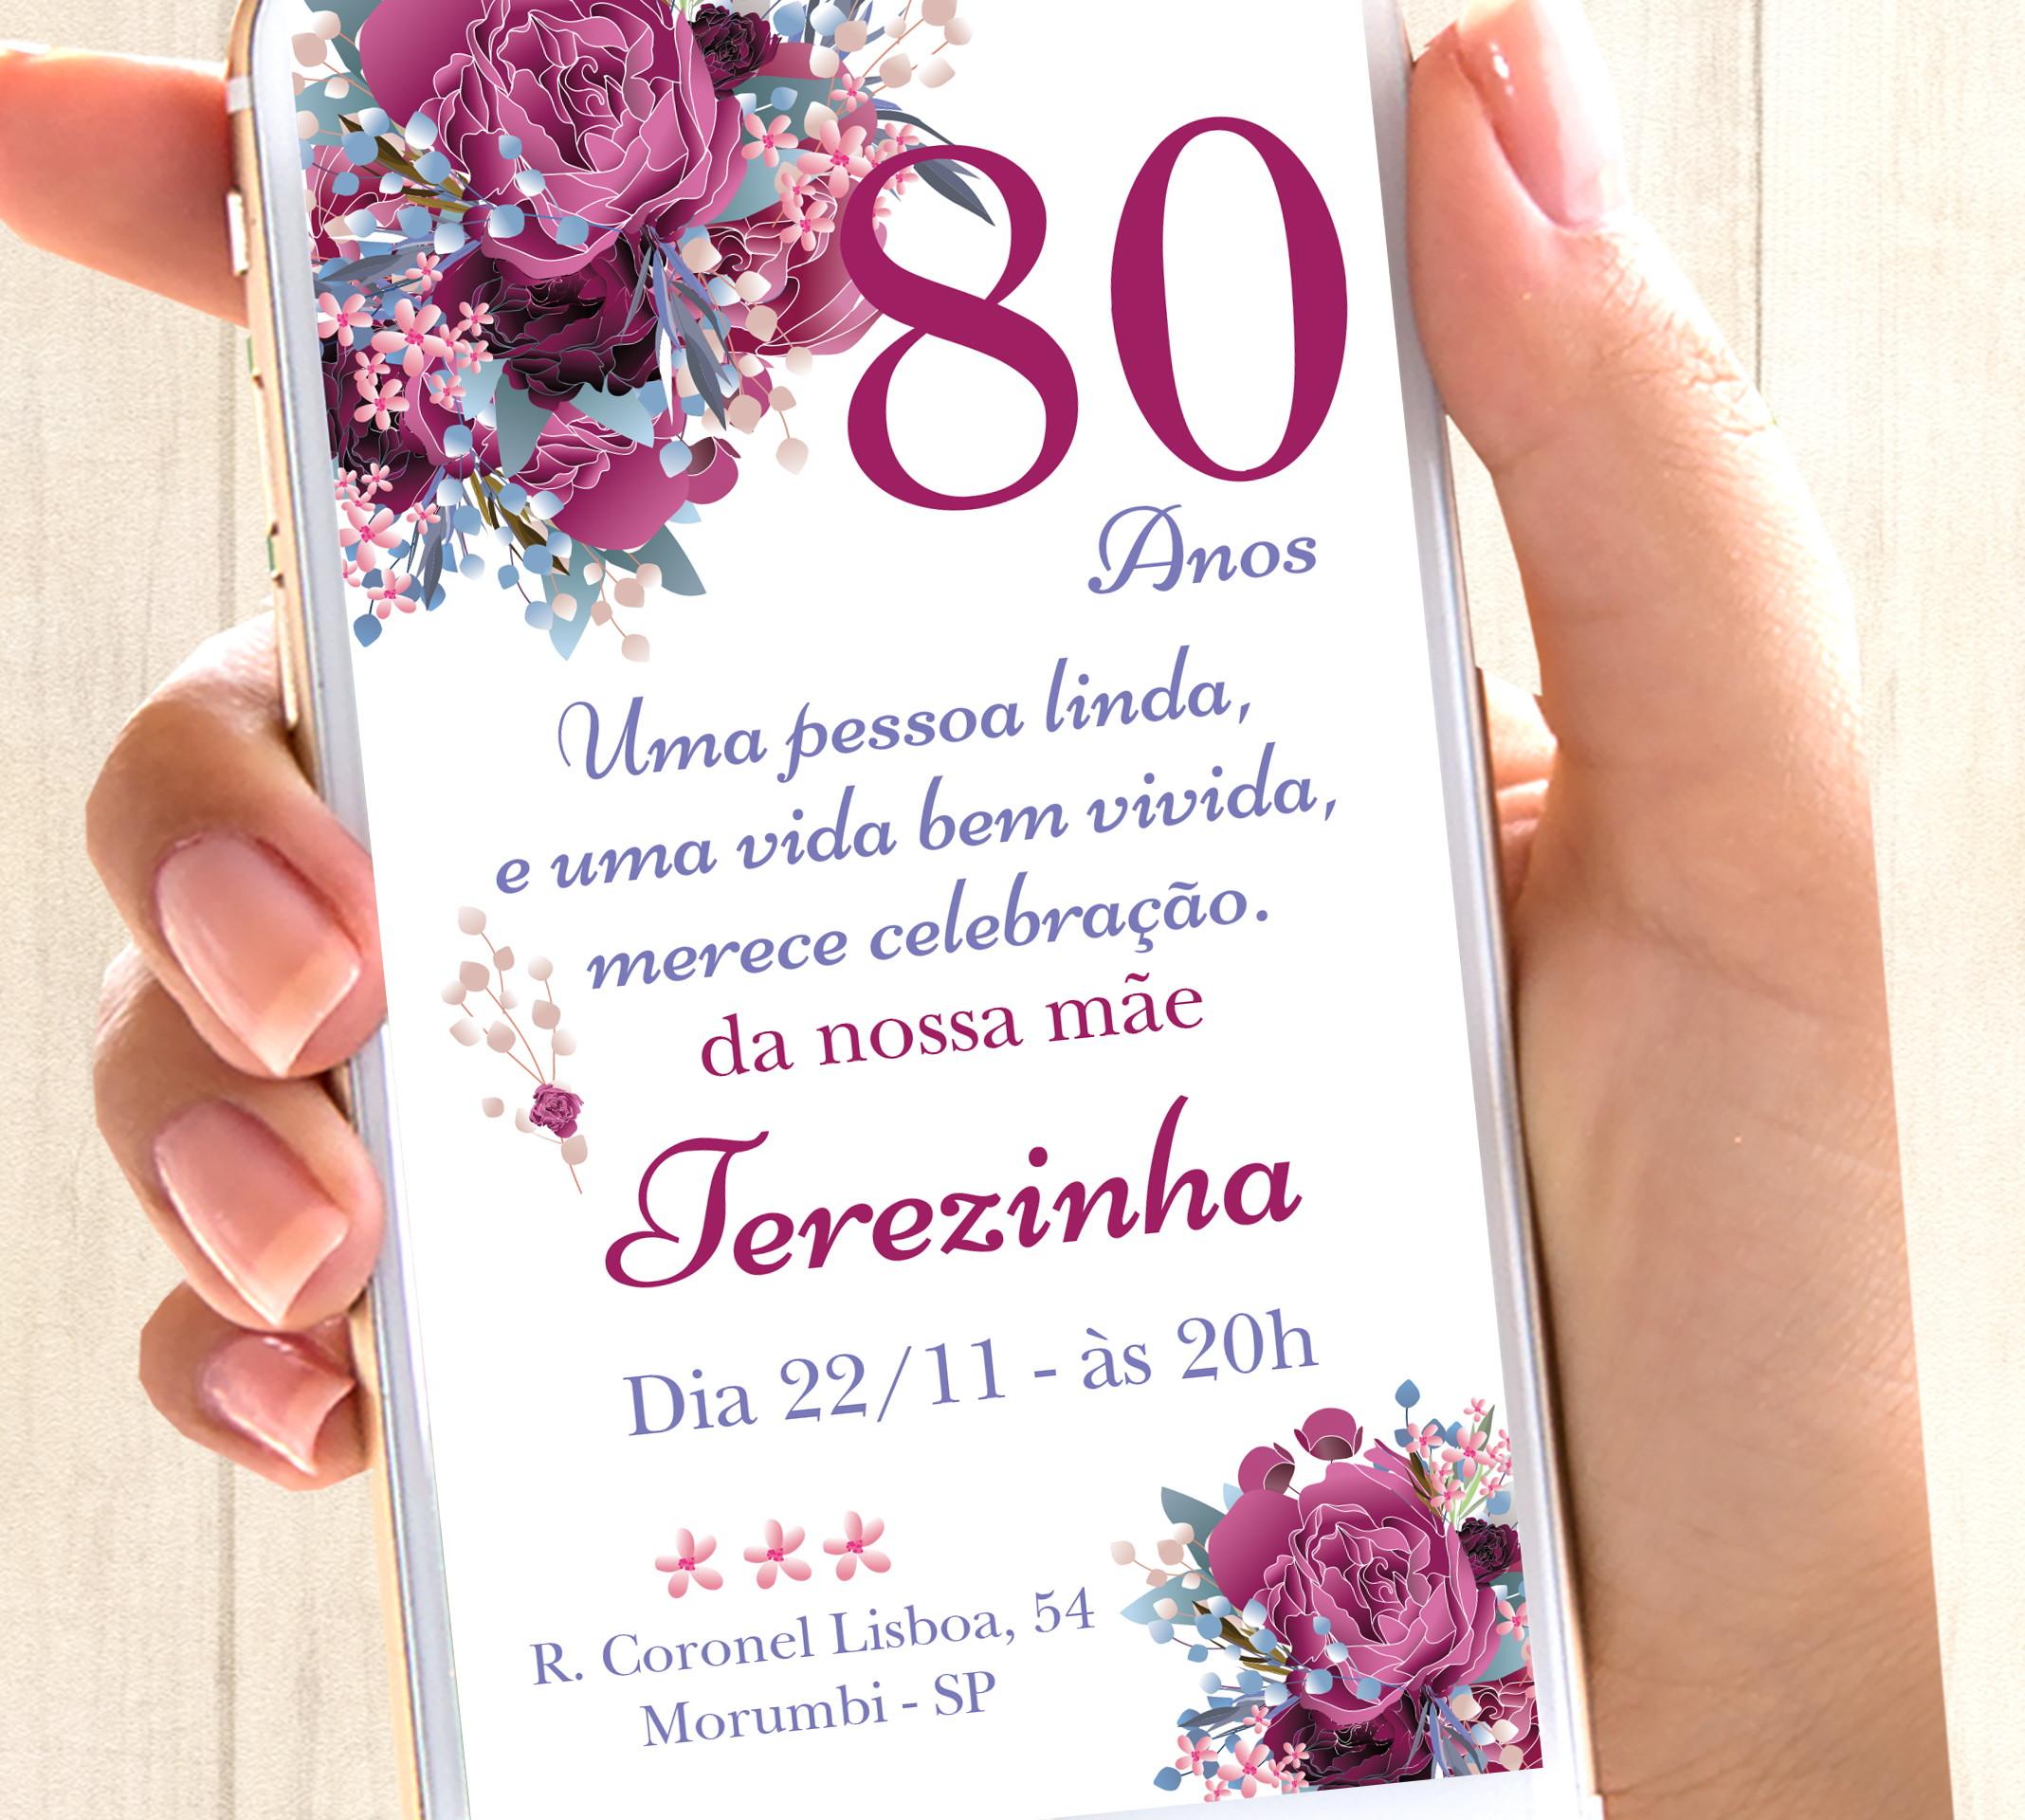 Frases Para Convite De 80 Anos Elo7